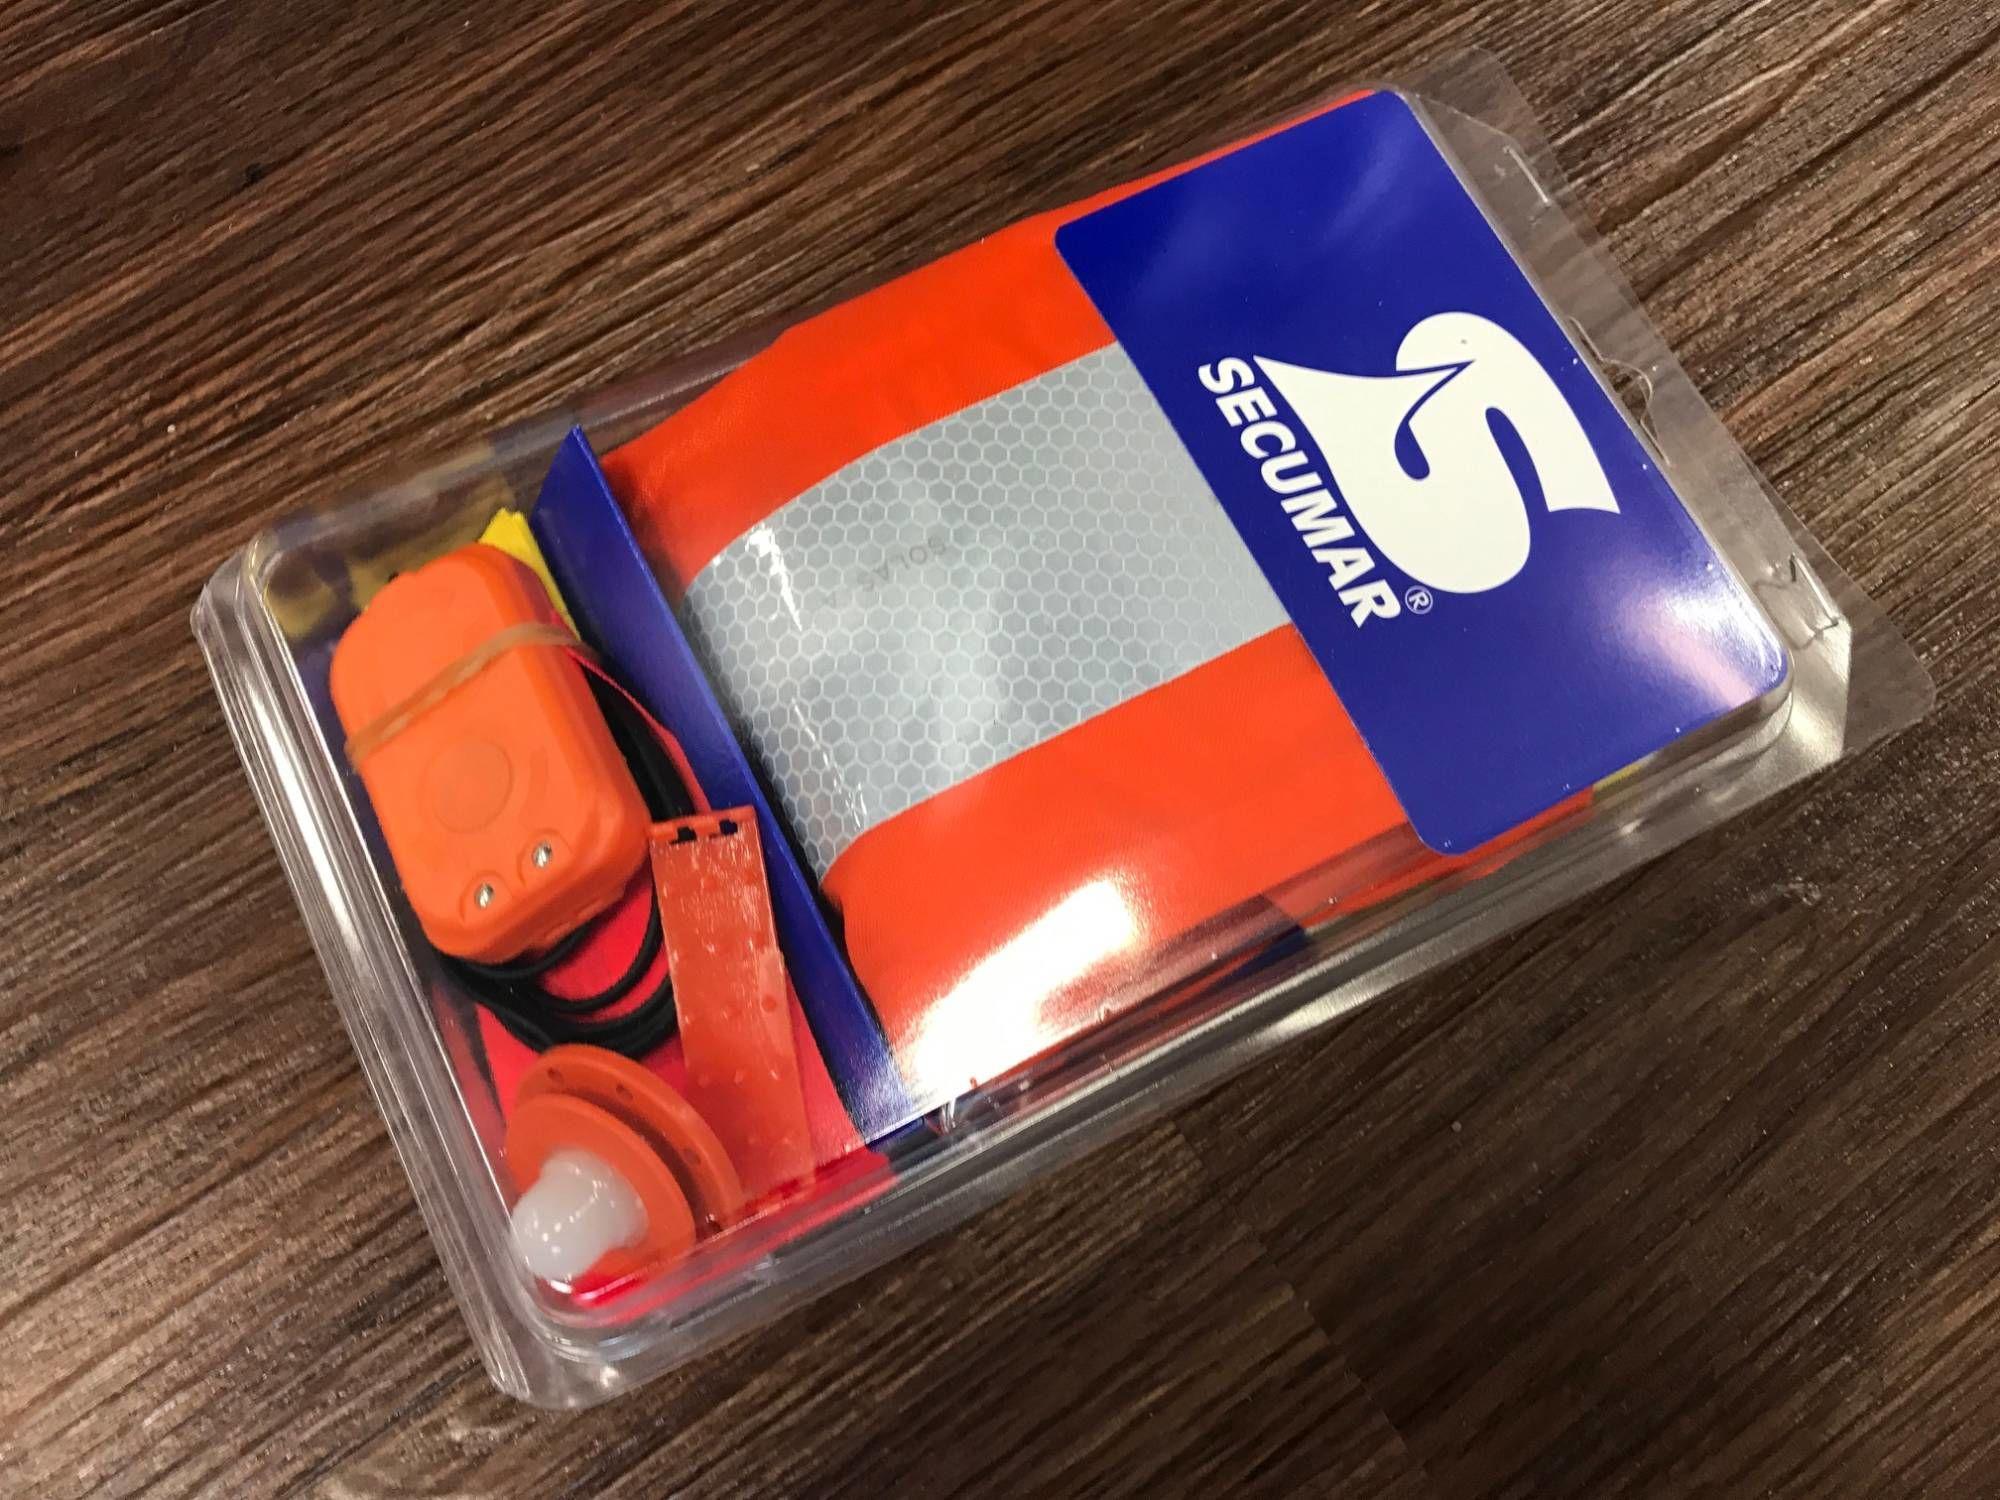 Secumar Aufrüstset für Ultra 170 (Spraycap und Notlicht)